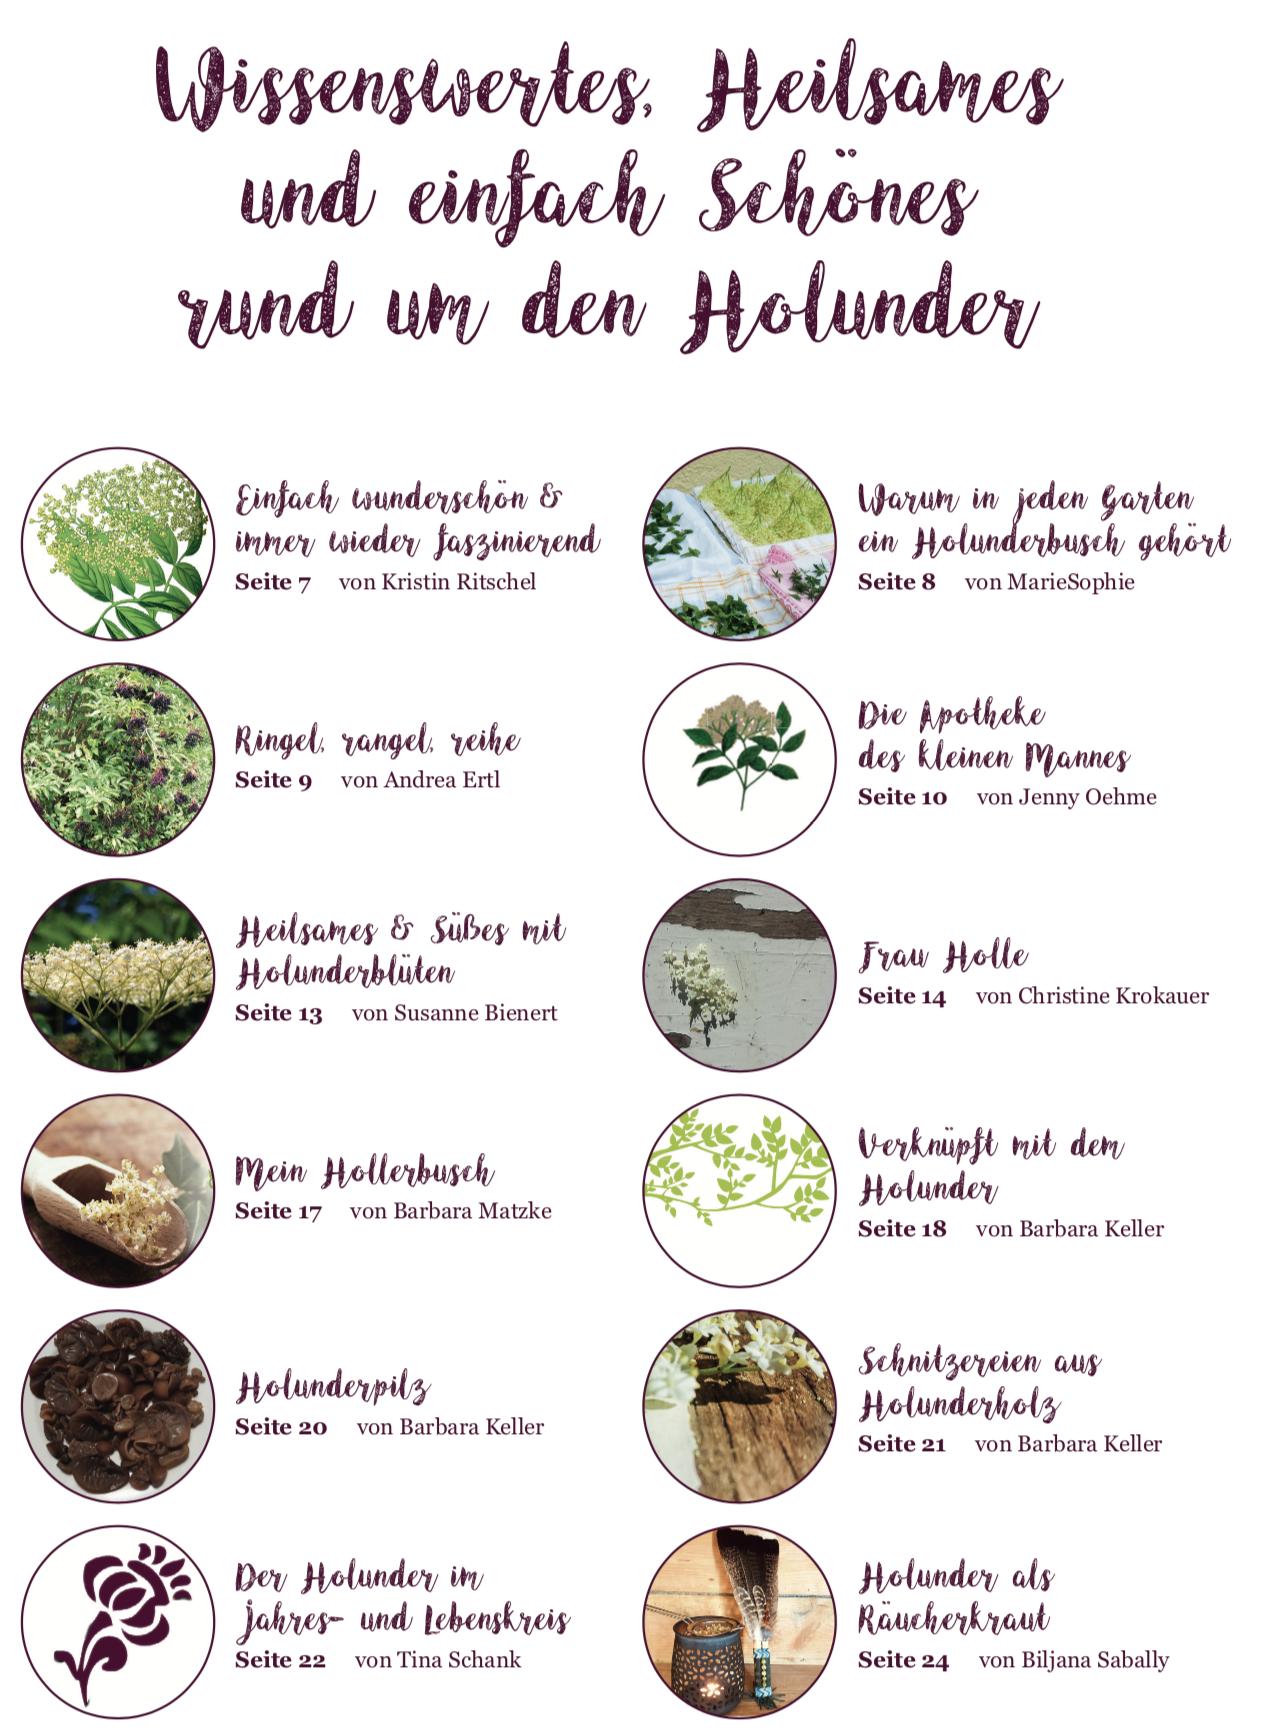 Inhalt_Hollerfrauen_1